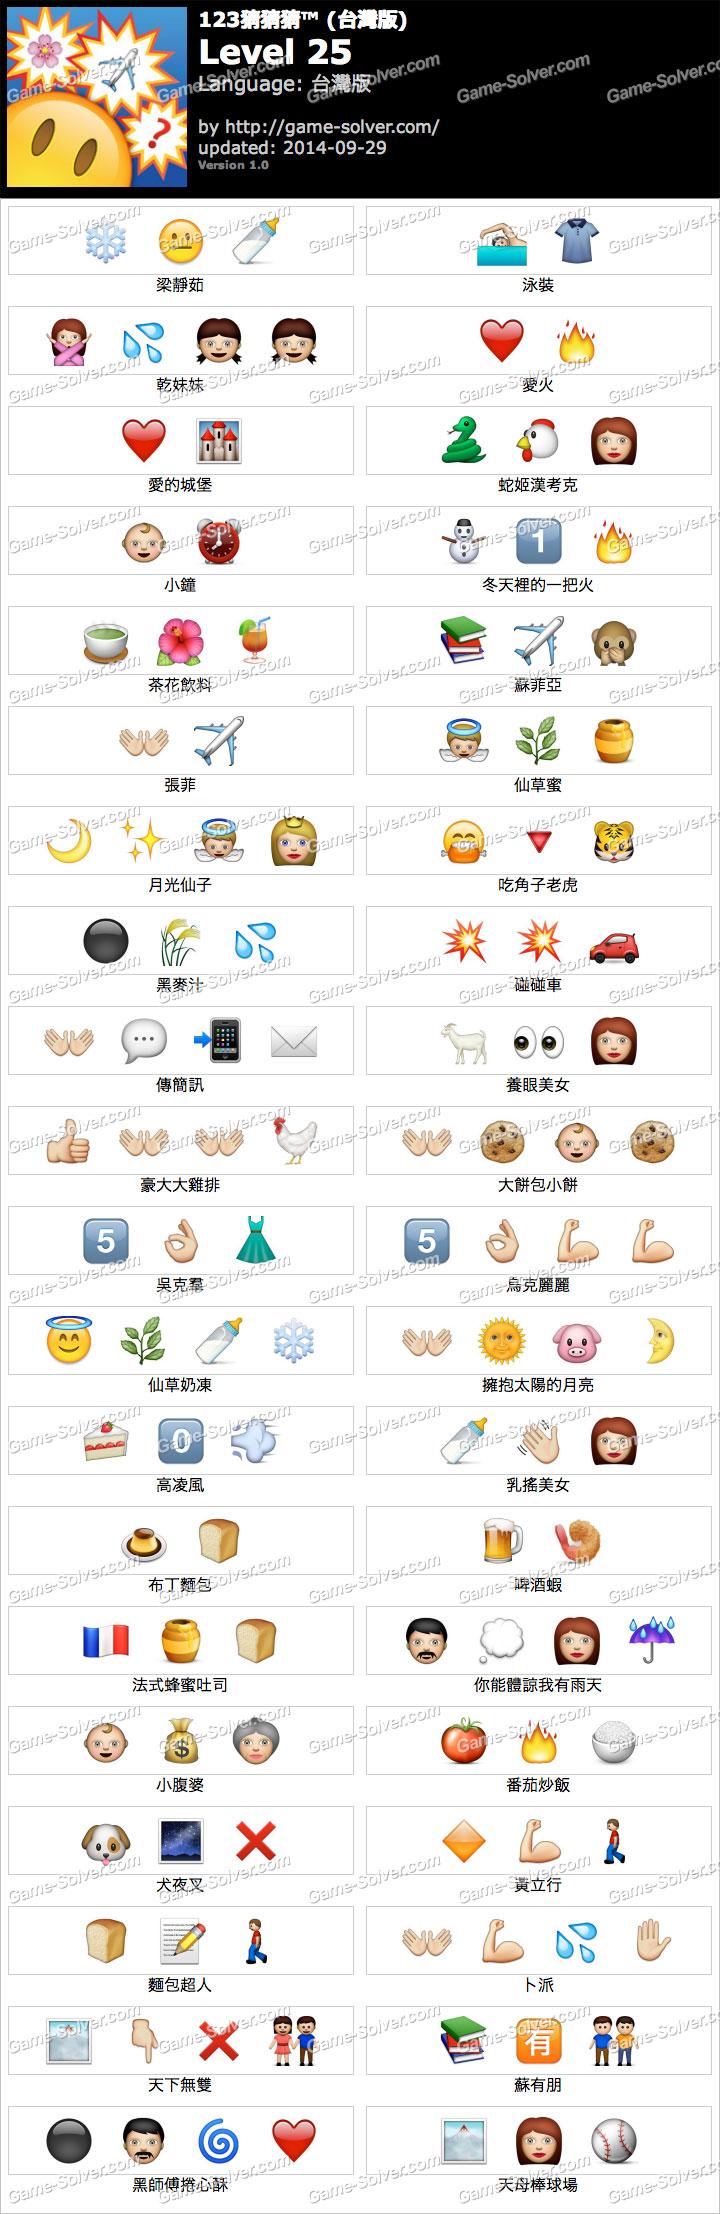 123猜猜猜台灣版答案等級25